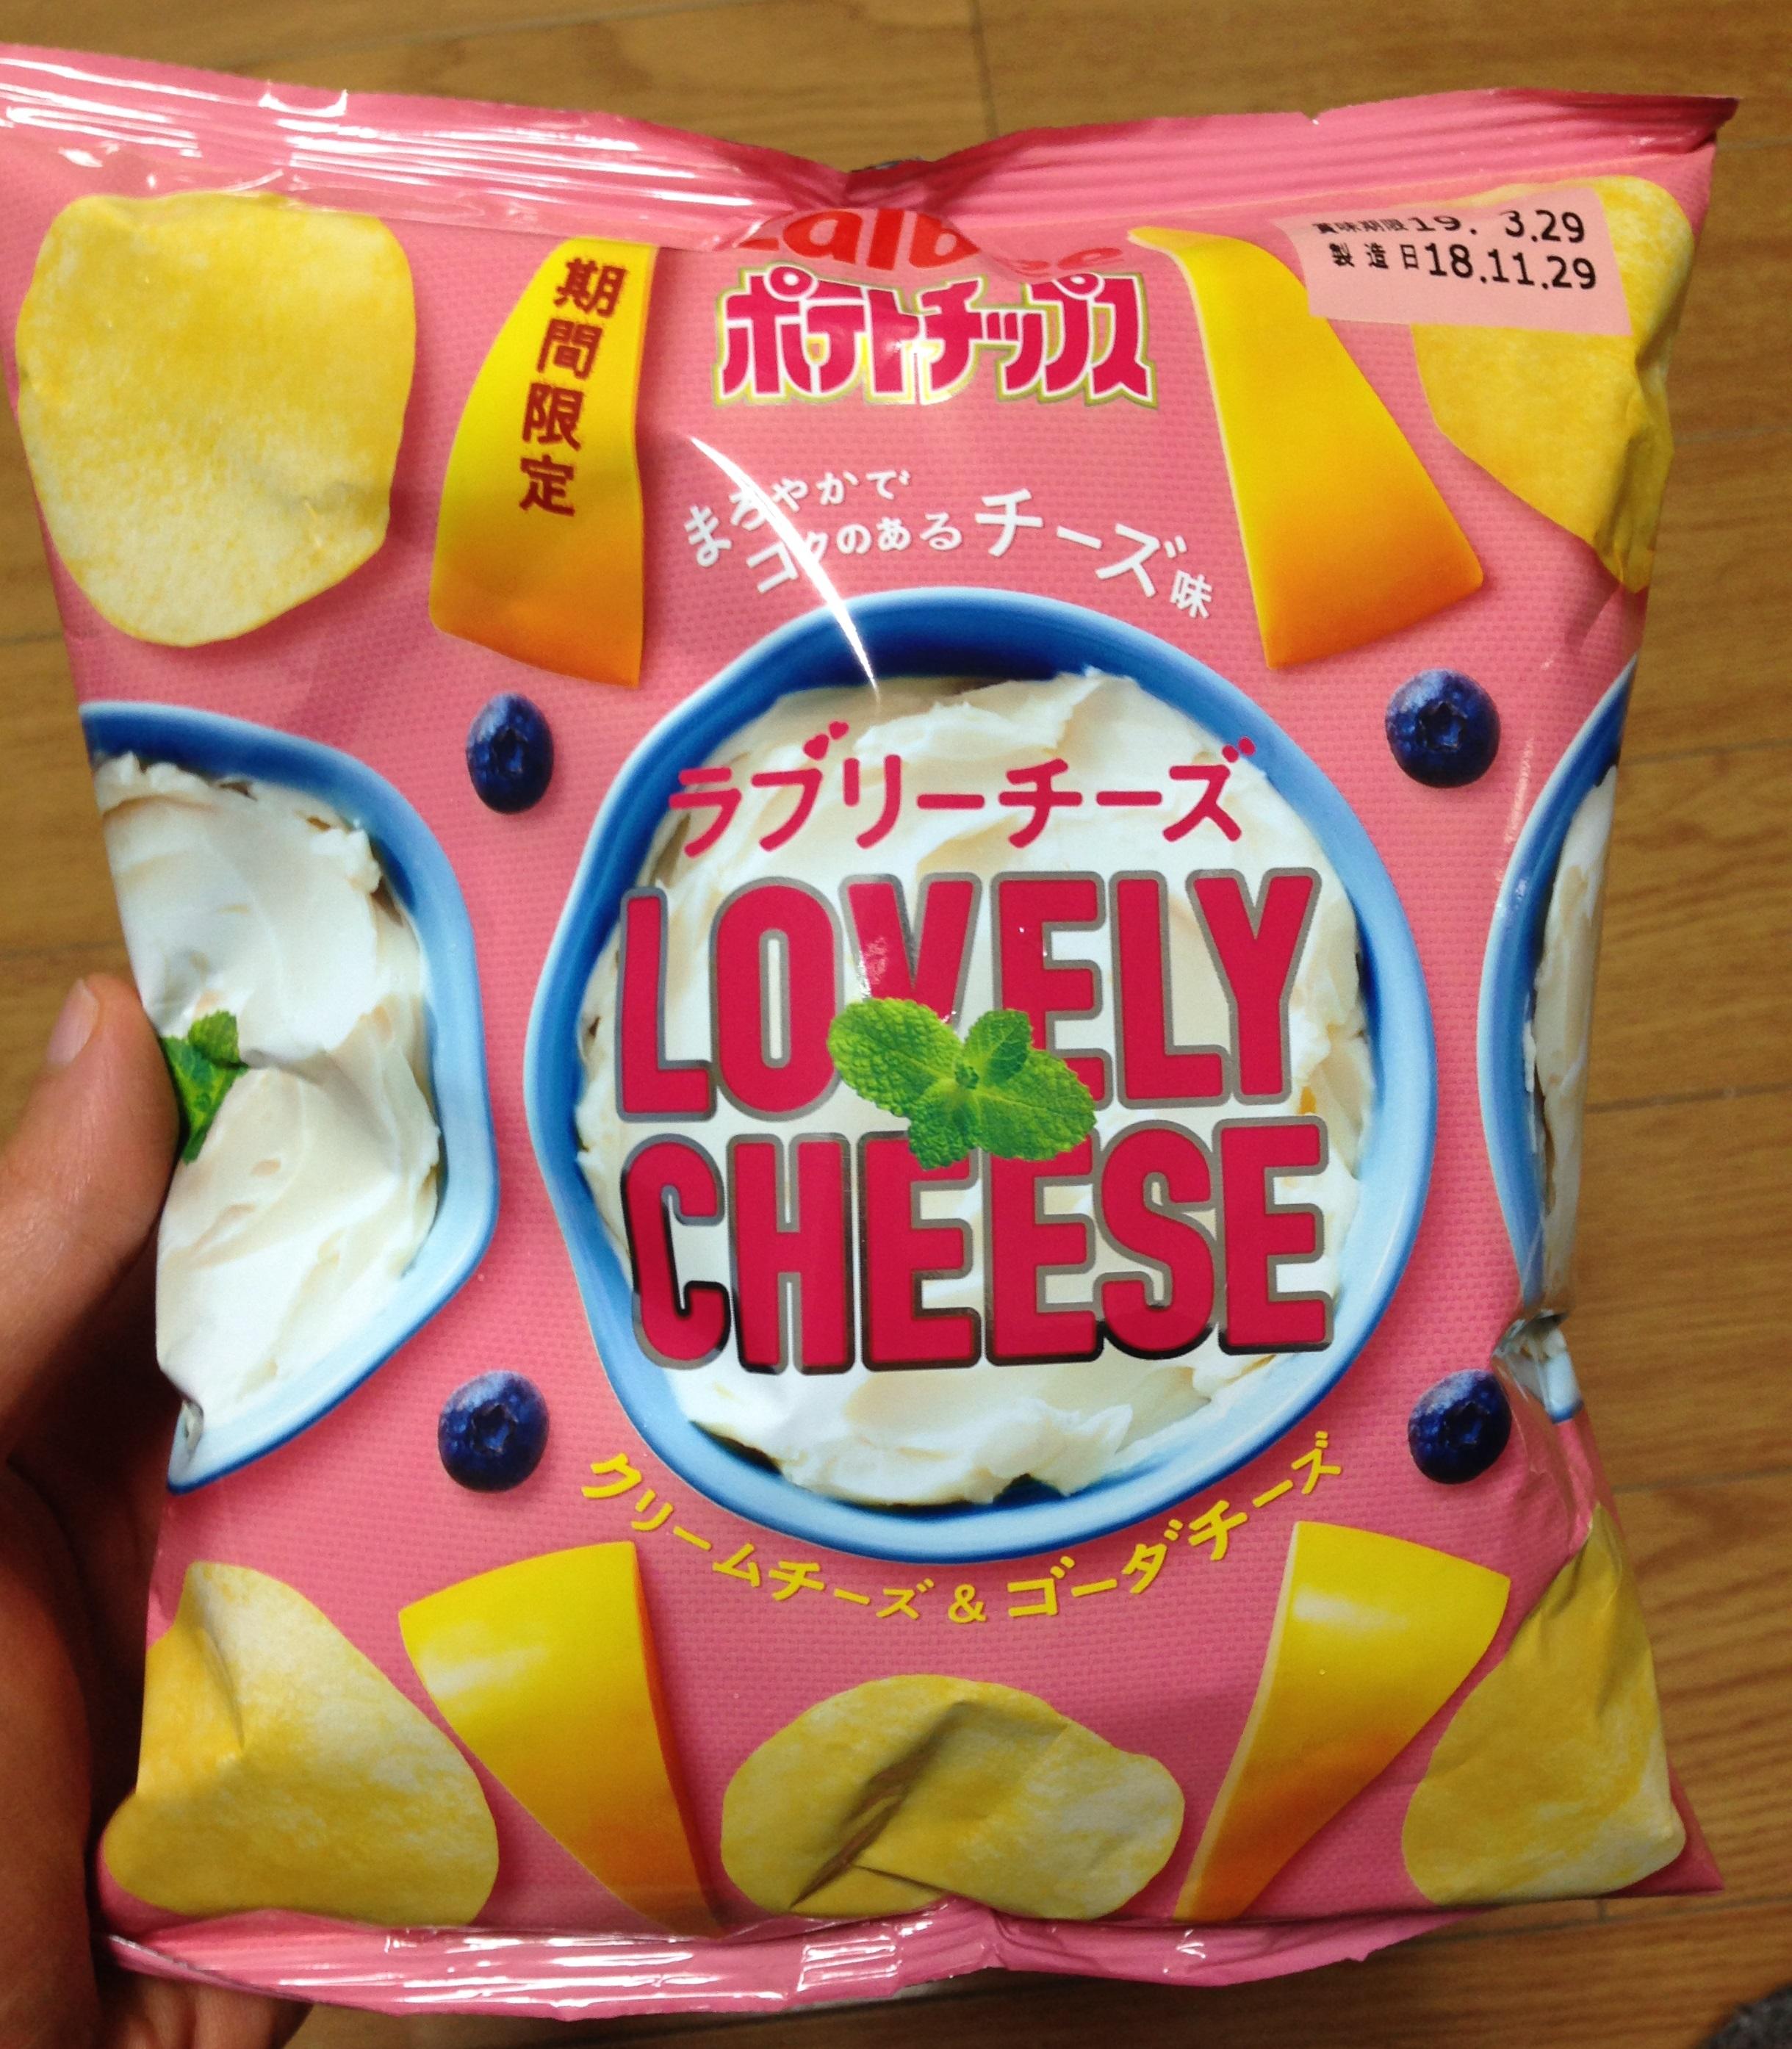 ポテトチップス ラブリーチーズ